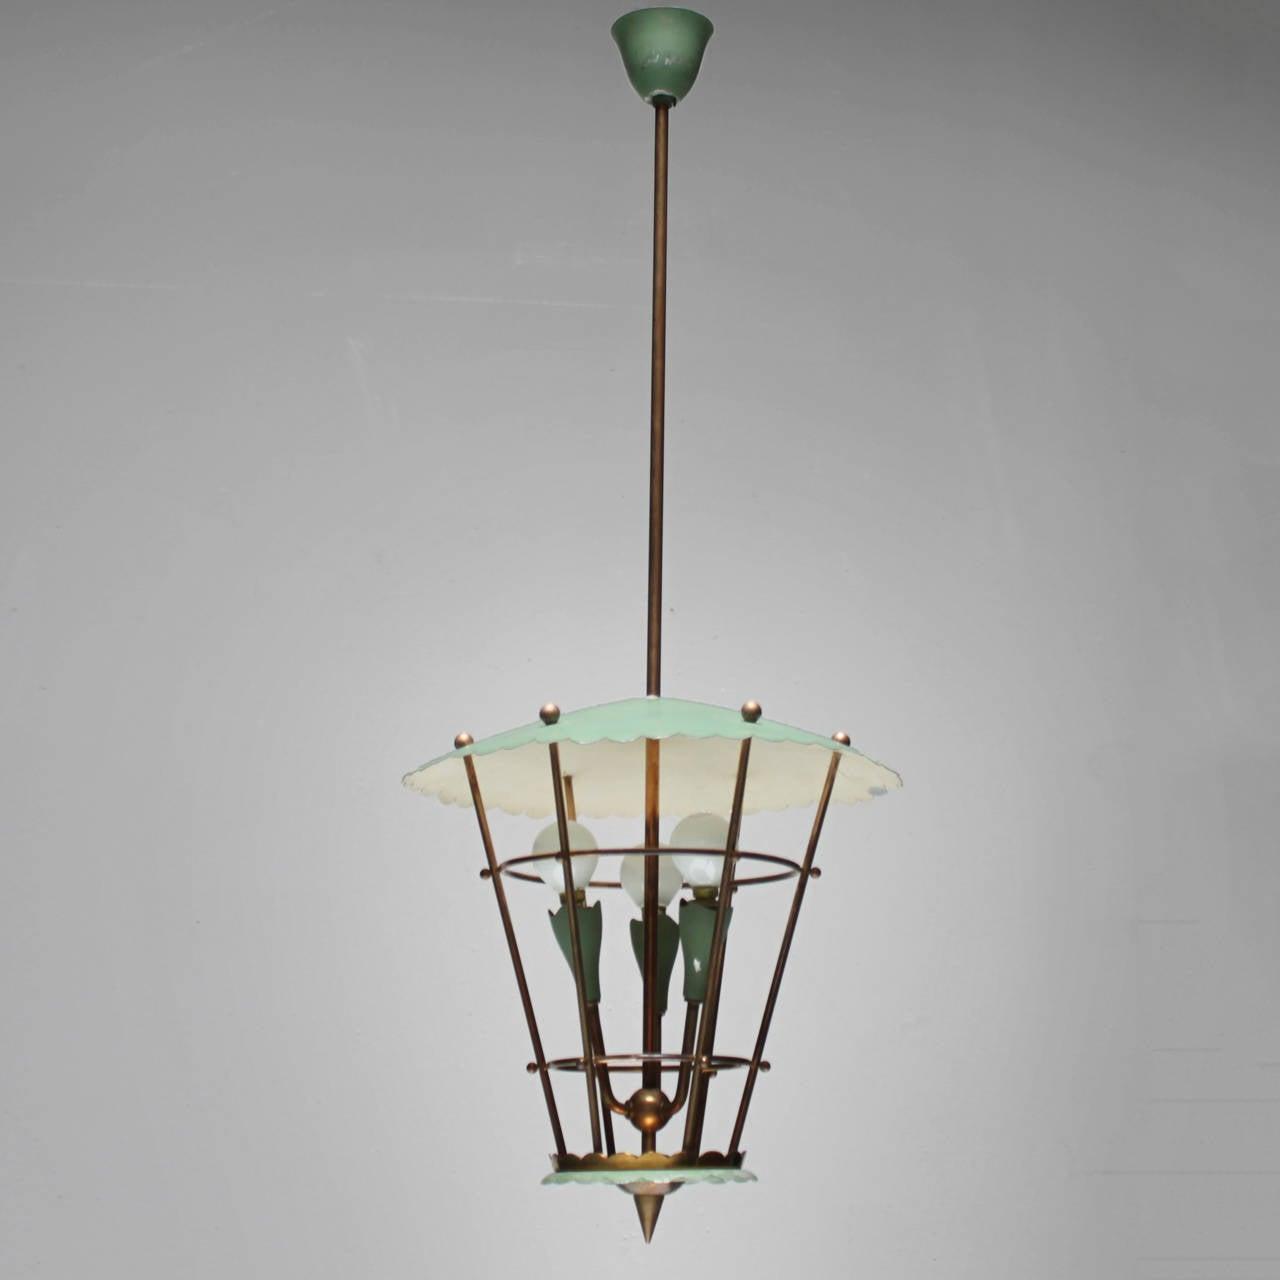 Mid-Century Modern Italian Lantern For Sale